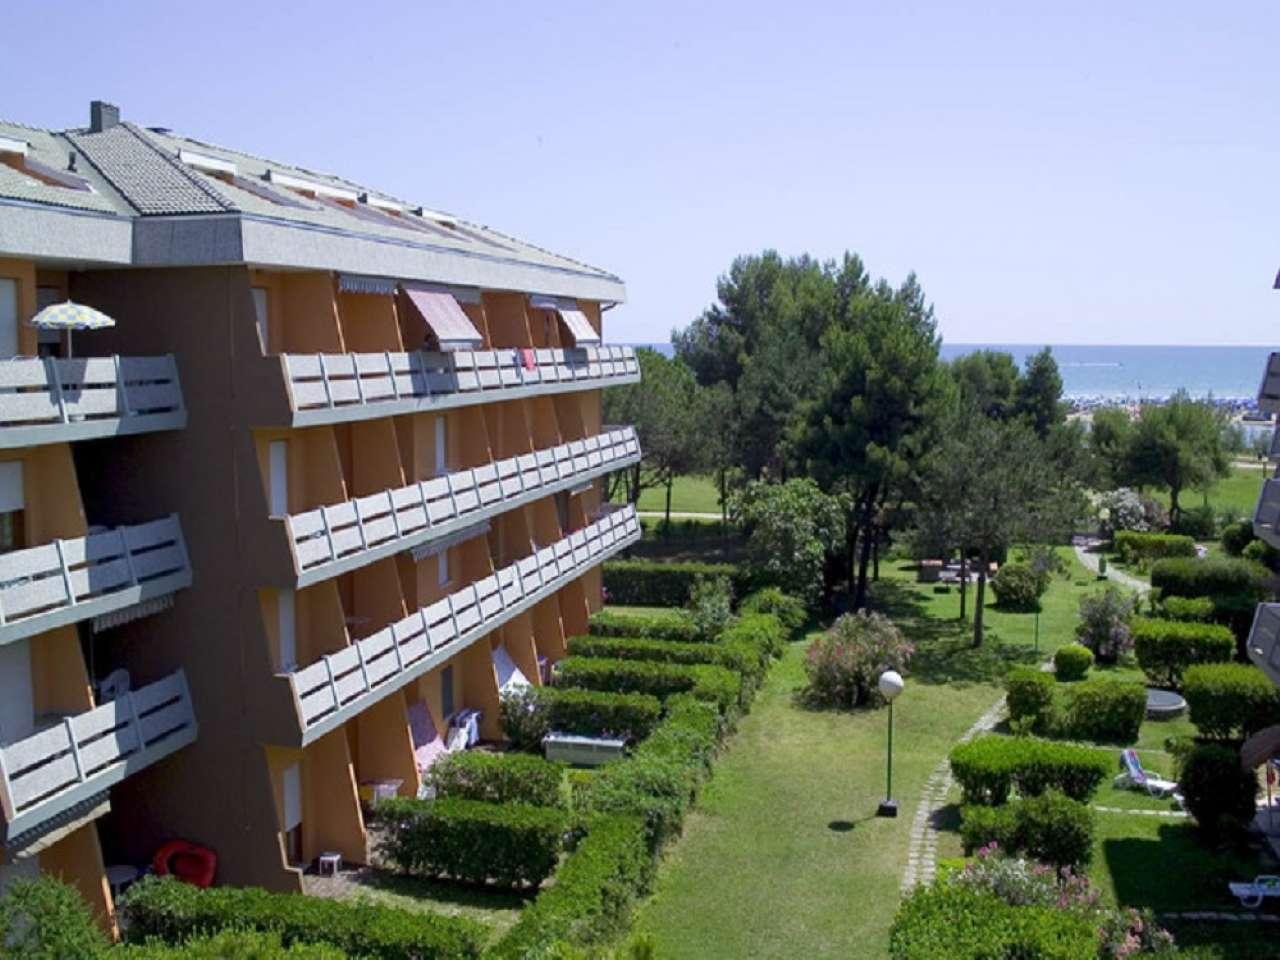 Appartamento in vendita a San Michele al Tagliamento, 4 locali, prezzo € 200.000 | CambioCasa.it